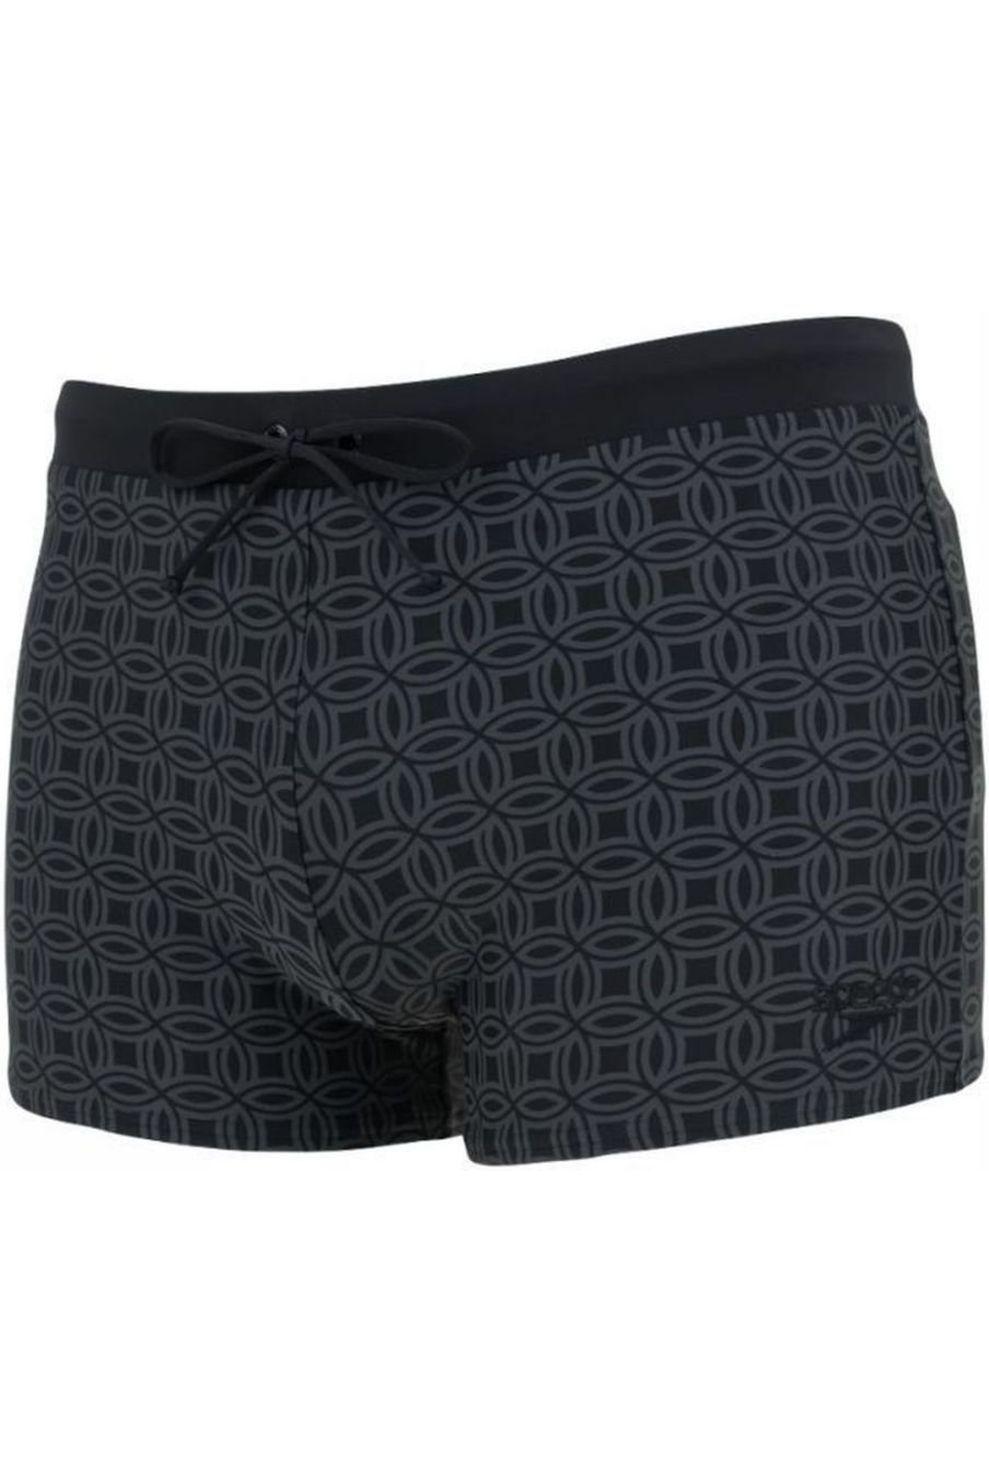 Speedo Valminton Aquashort voor heren - Zwart/Grijs - Maten: 36, 38, 40